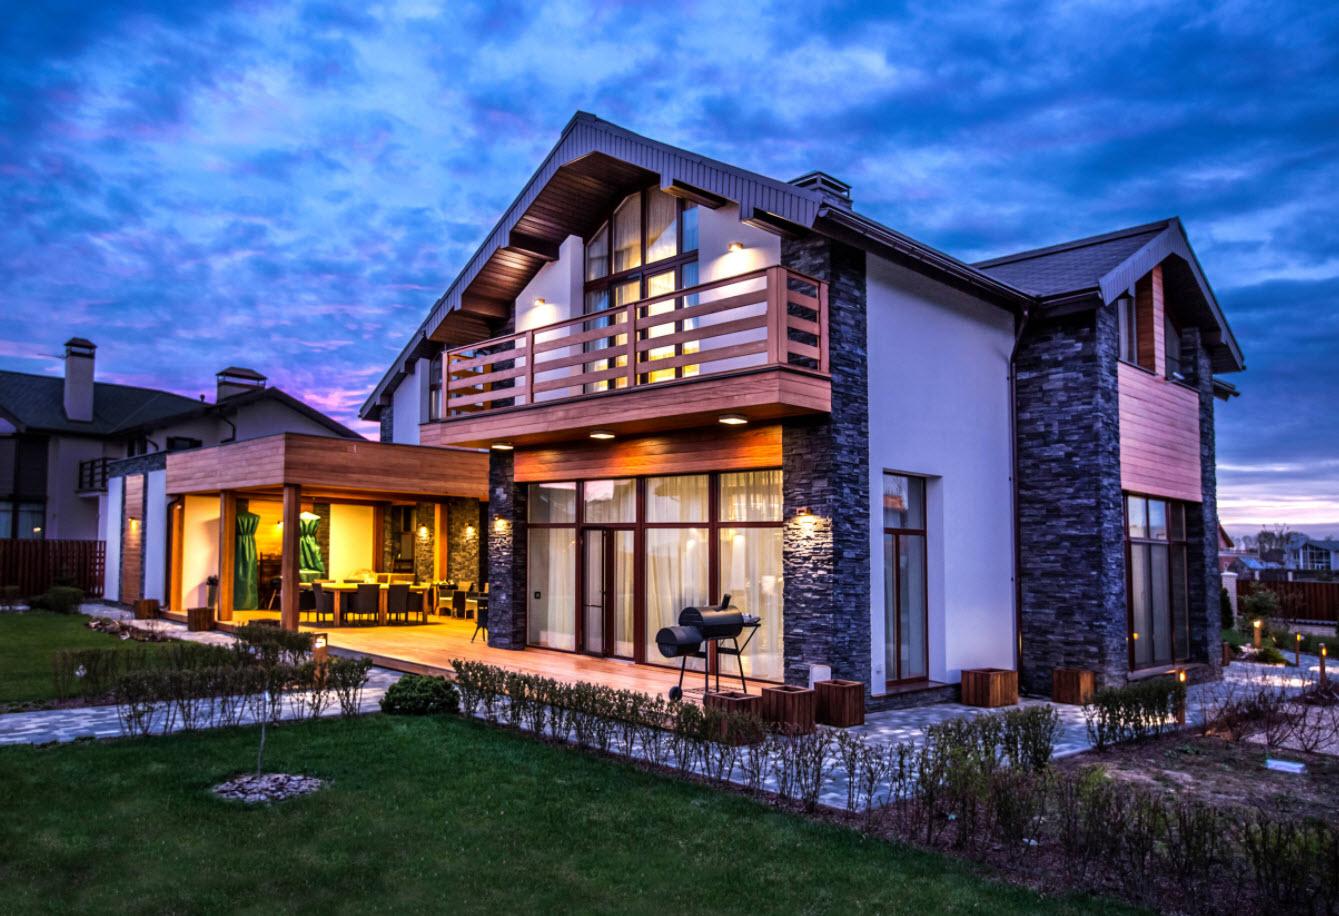 сковороду, дизайн фасадов загородных домов фото укладку крупными локонами